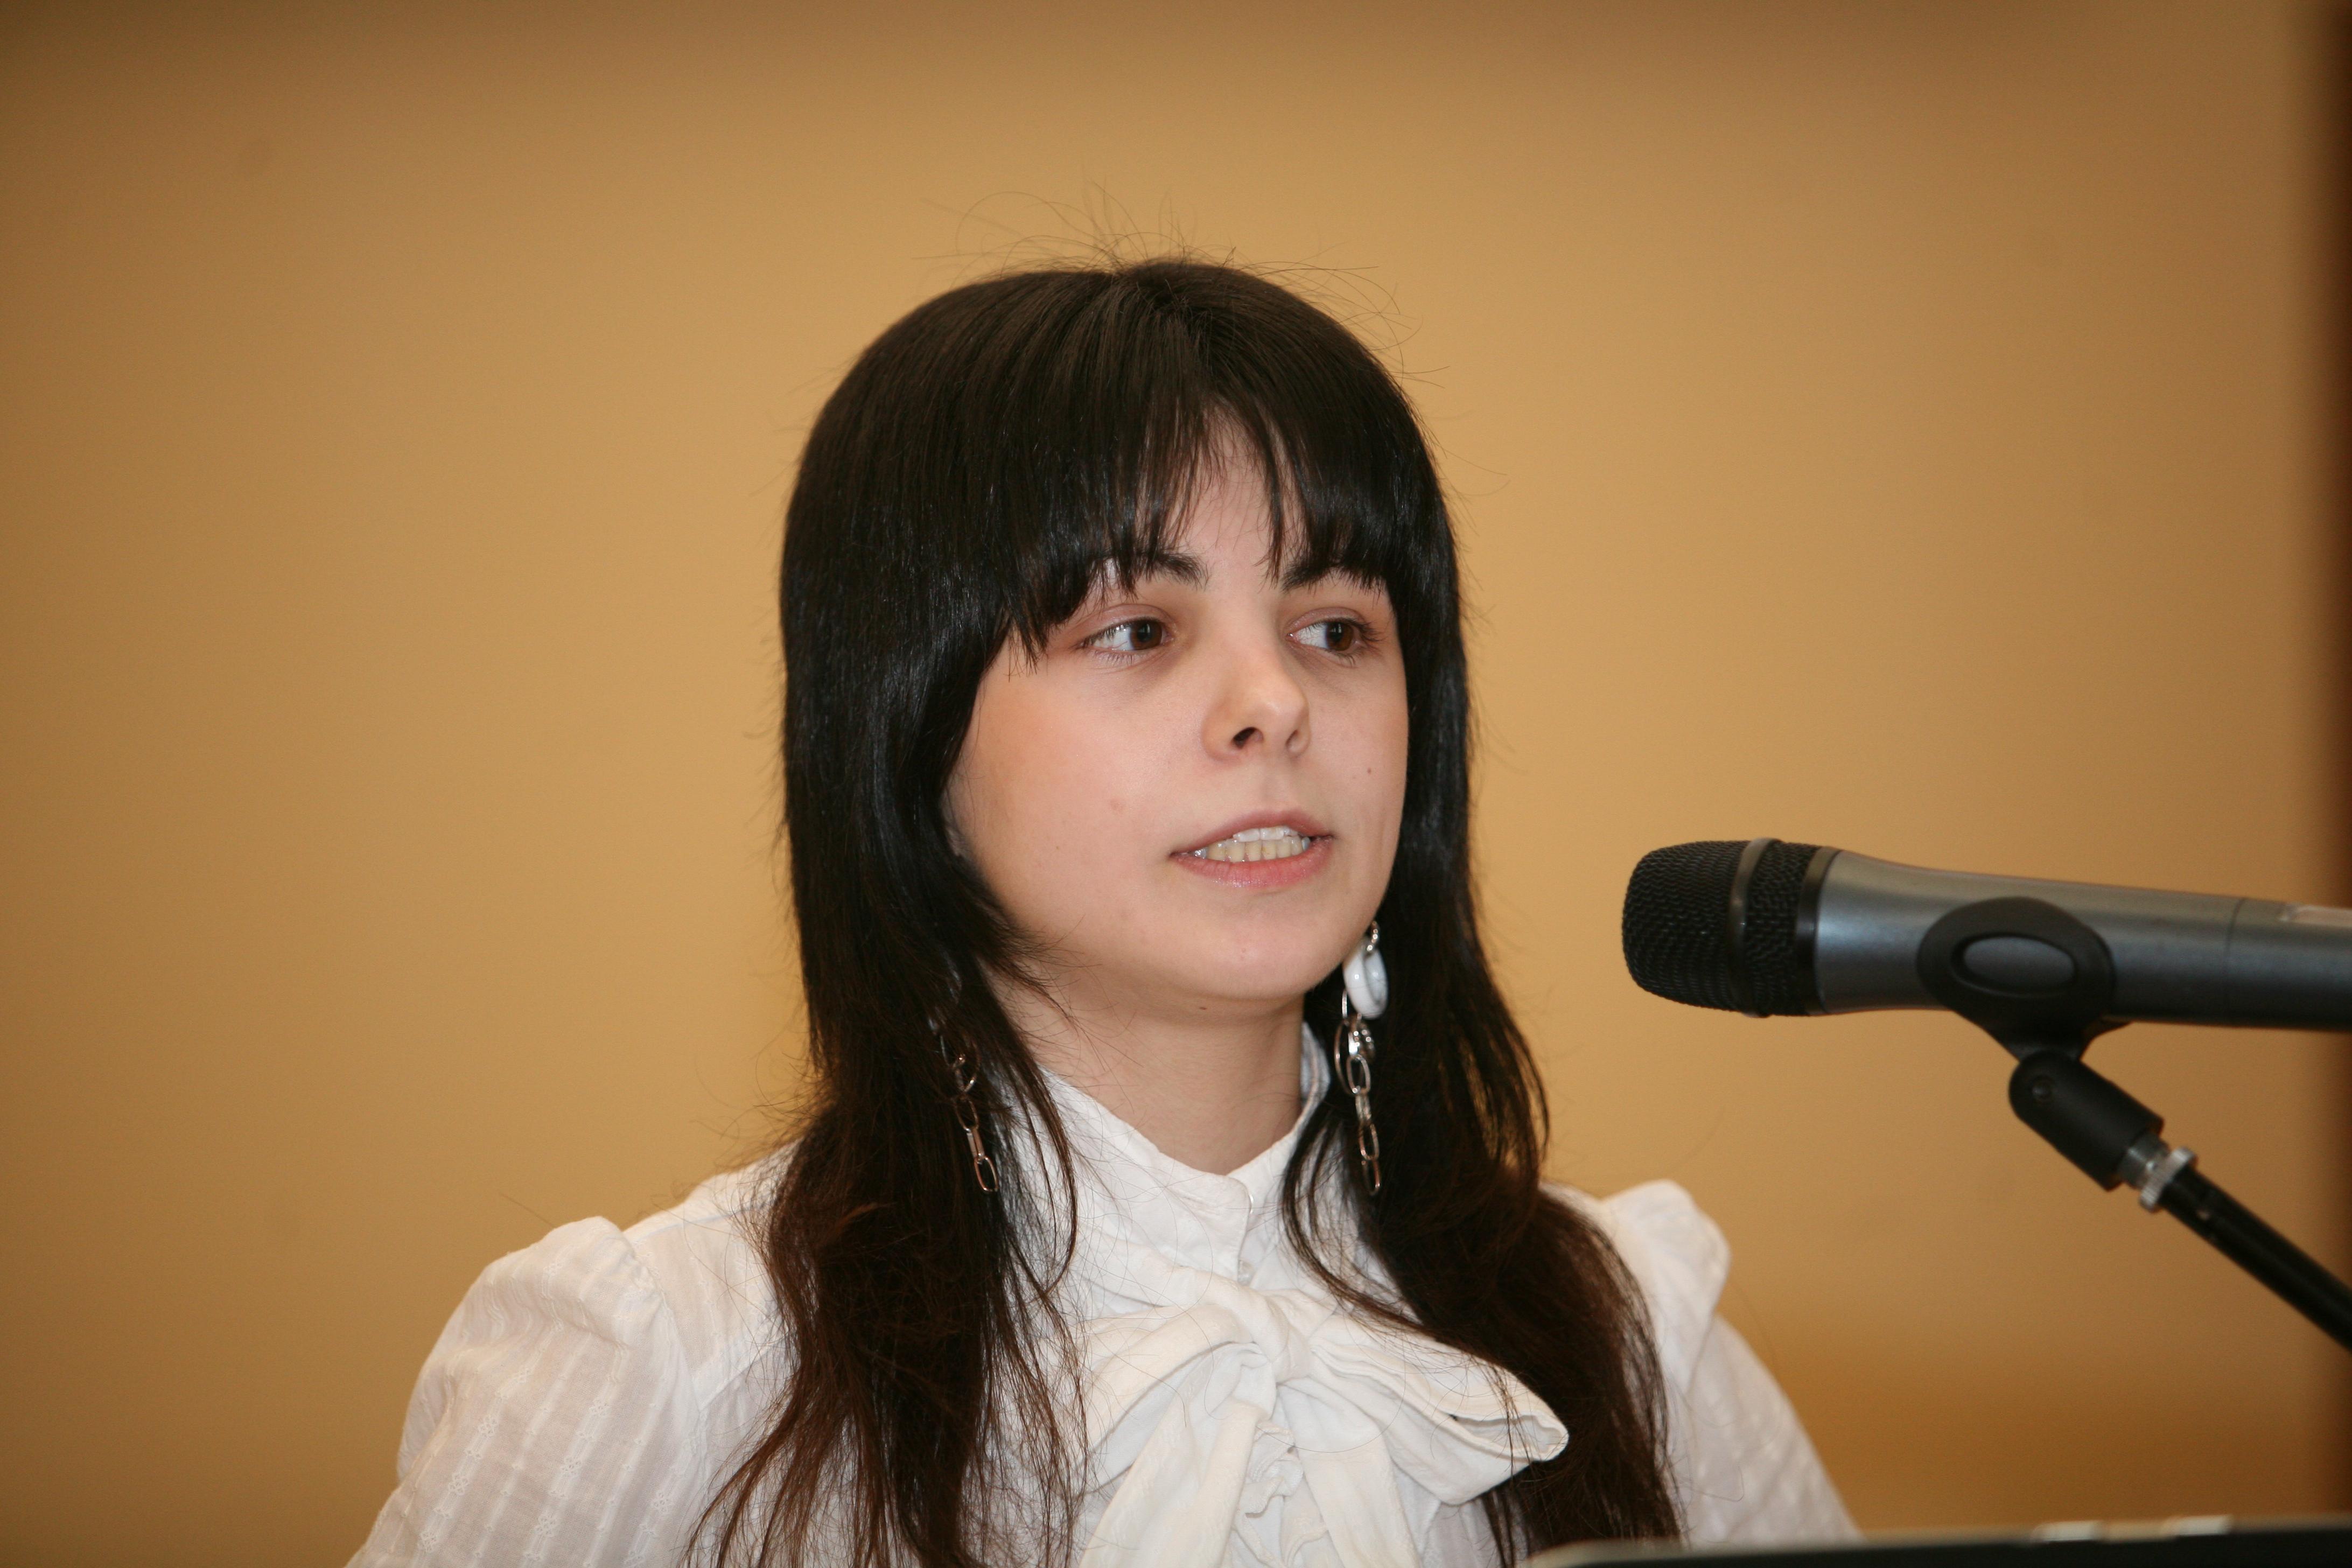 Студентка юля из россии 4 фотография